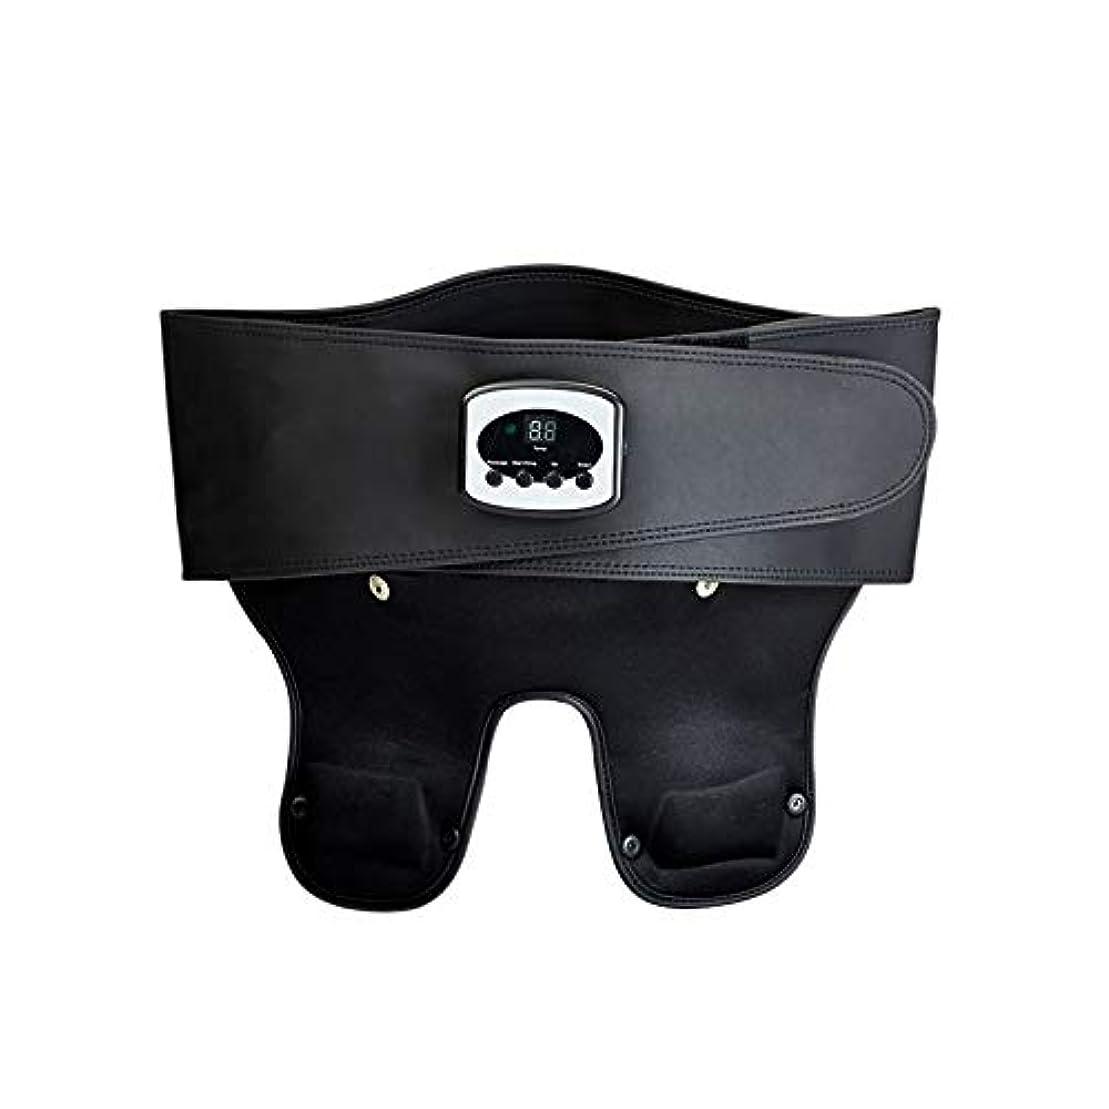 褐色ビスケット絶望Healthy Waist Massager - Heat Conductor, Infrared Lights, Vibration Massage, Adjustable Temperature